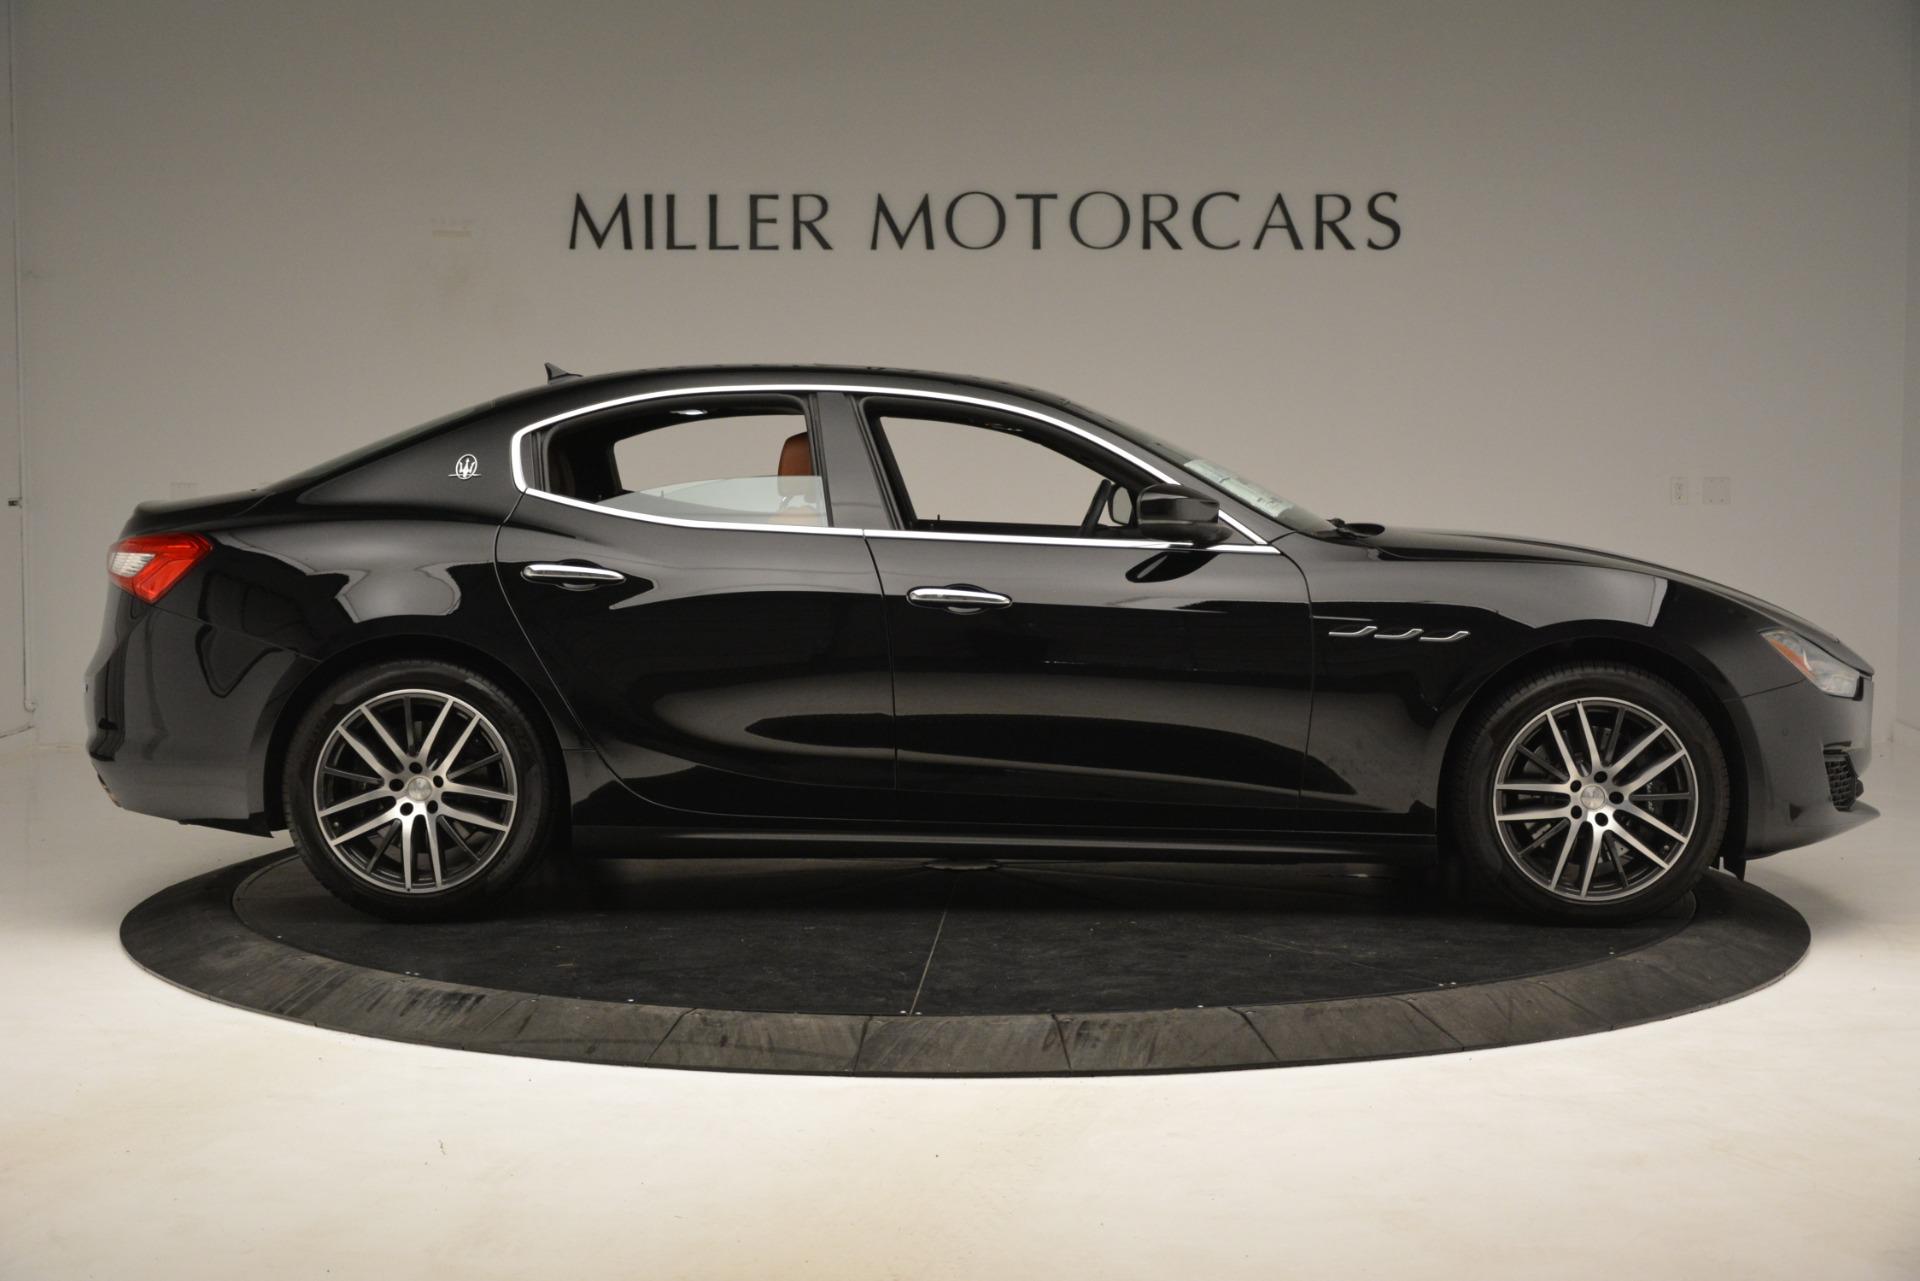 New 2019 Maserati Ghibli S Q4 For Sale In Greenwich, CT 2792_p9